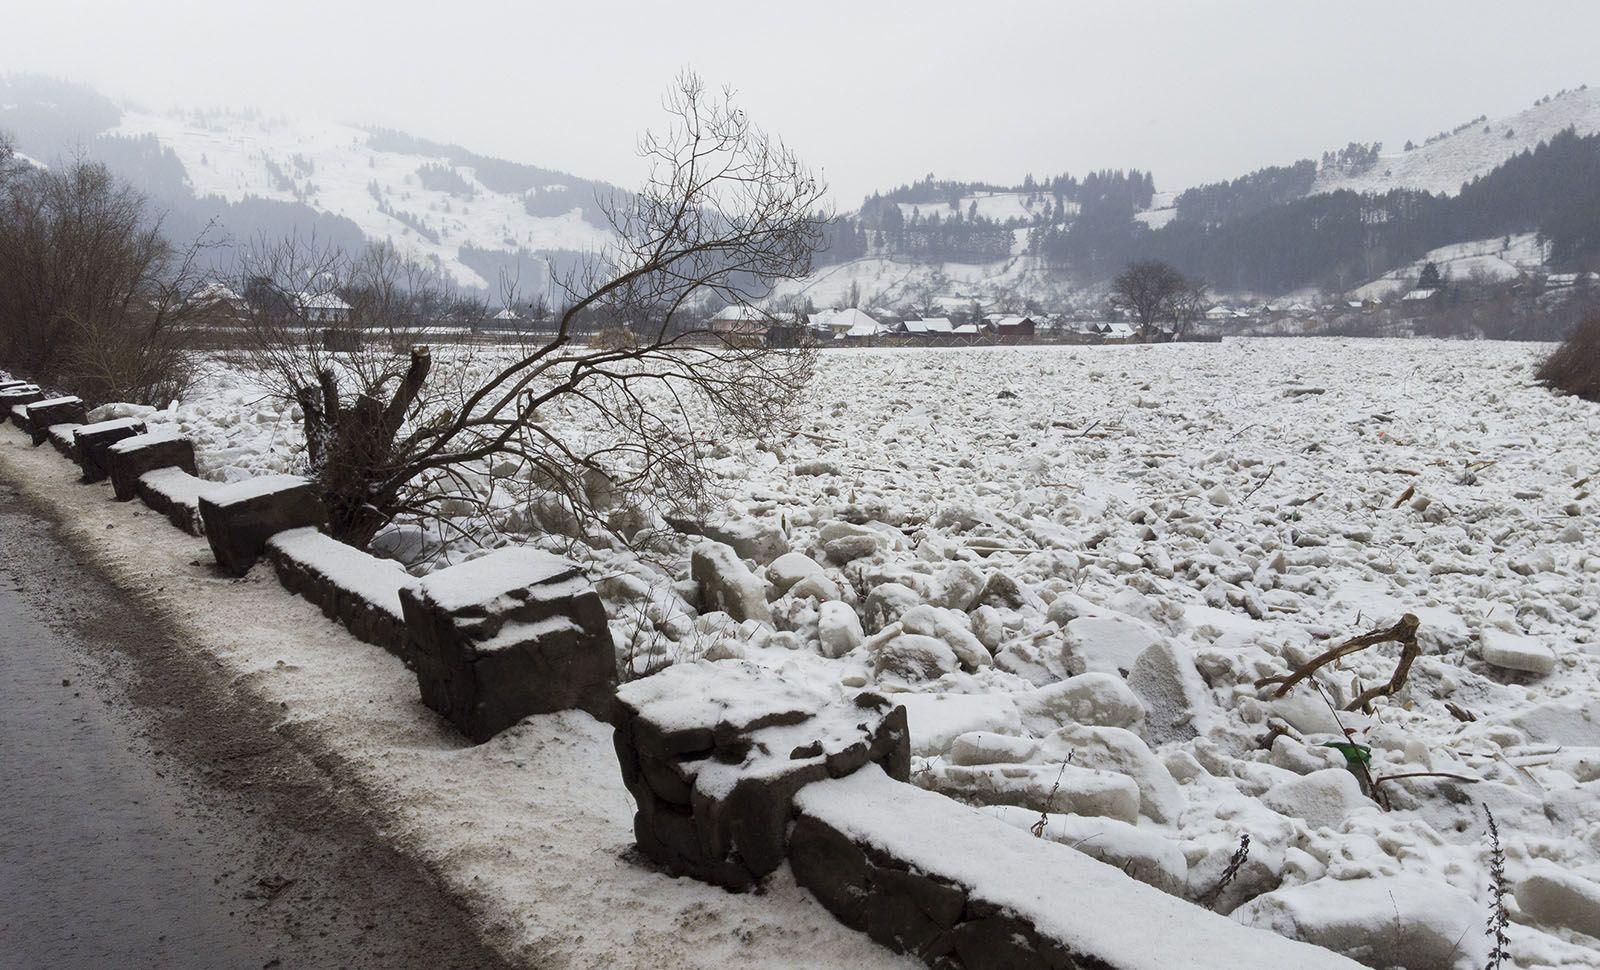 Iarna in Romania - Județul Bistrița-Năsăud